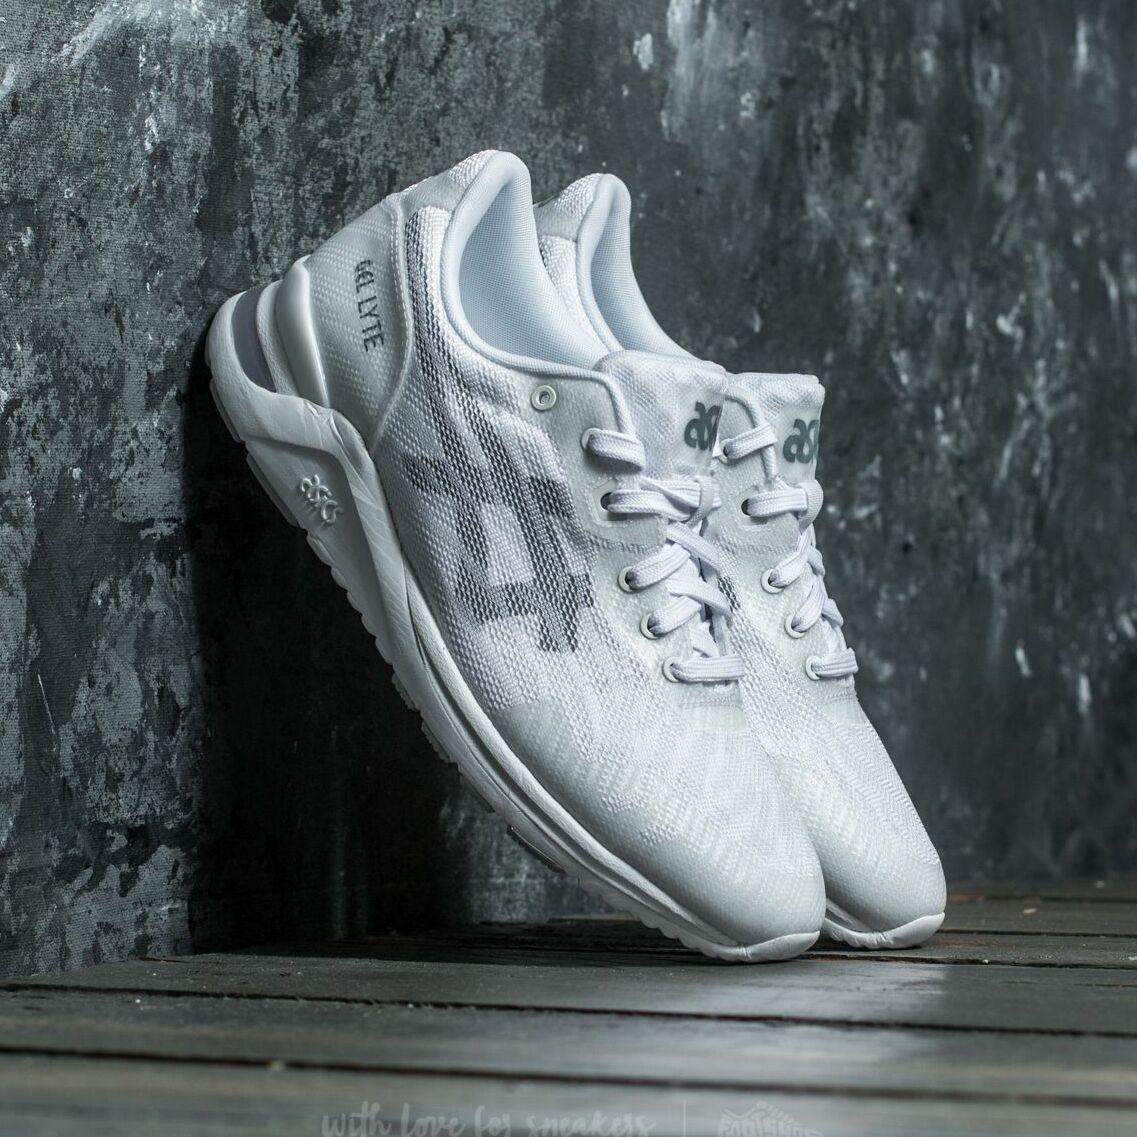 Asics Gel-Lyte Evo Nt White/ Mid Grey EUR 41.5